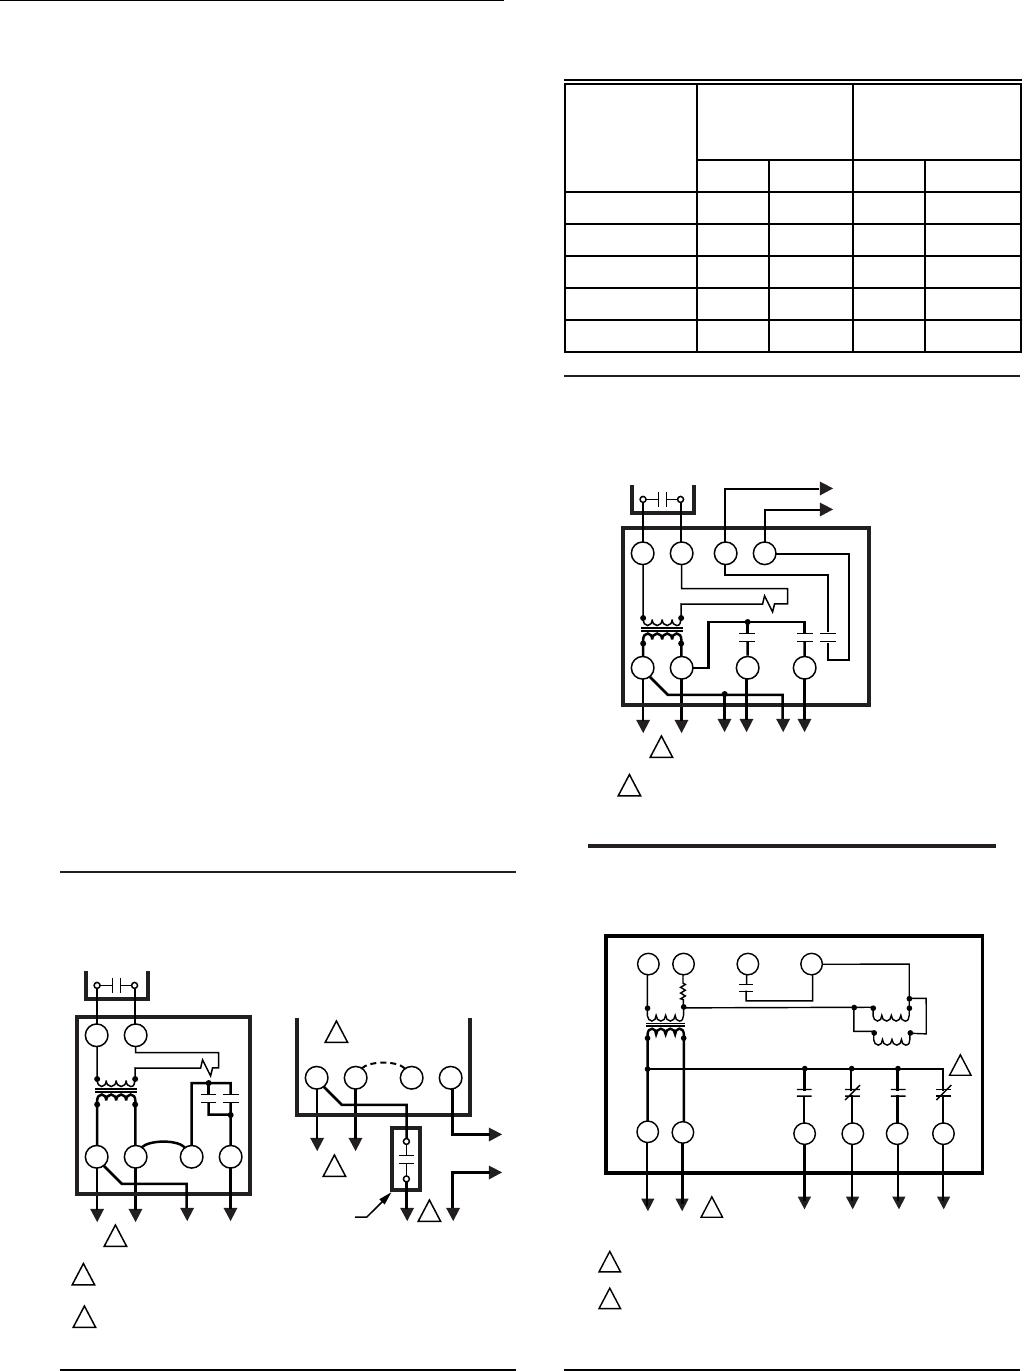 240v Wiring Diagram Honeywell R847a Trusted Diagrams 4 Wire Car Fuse Box U2022 120v